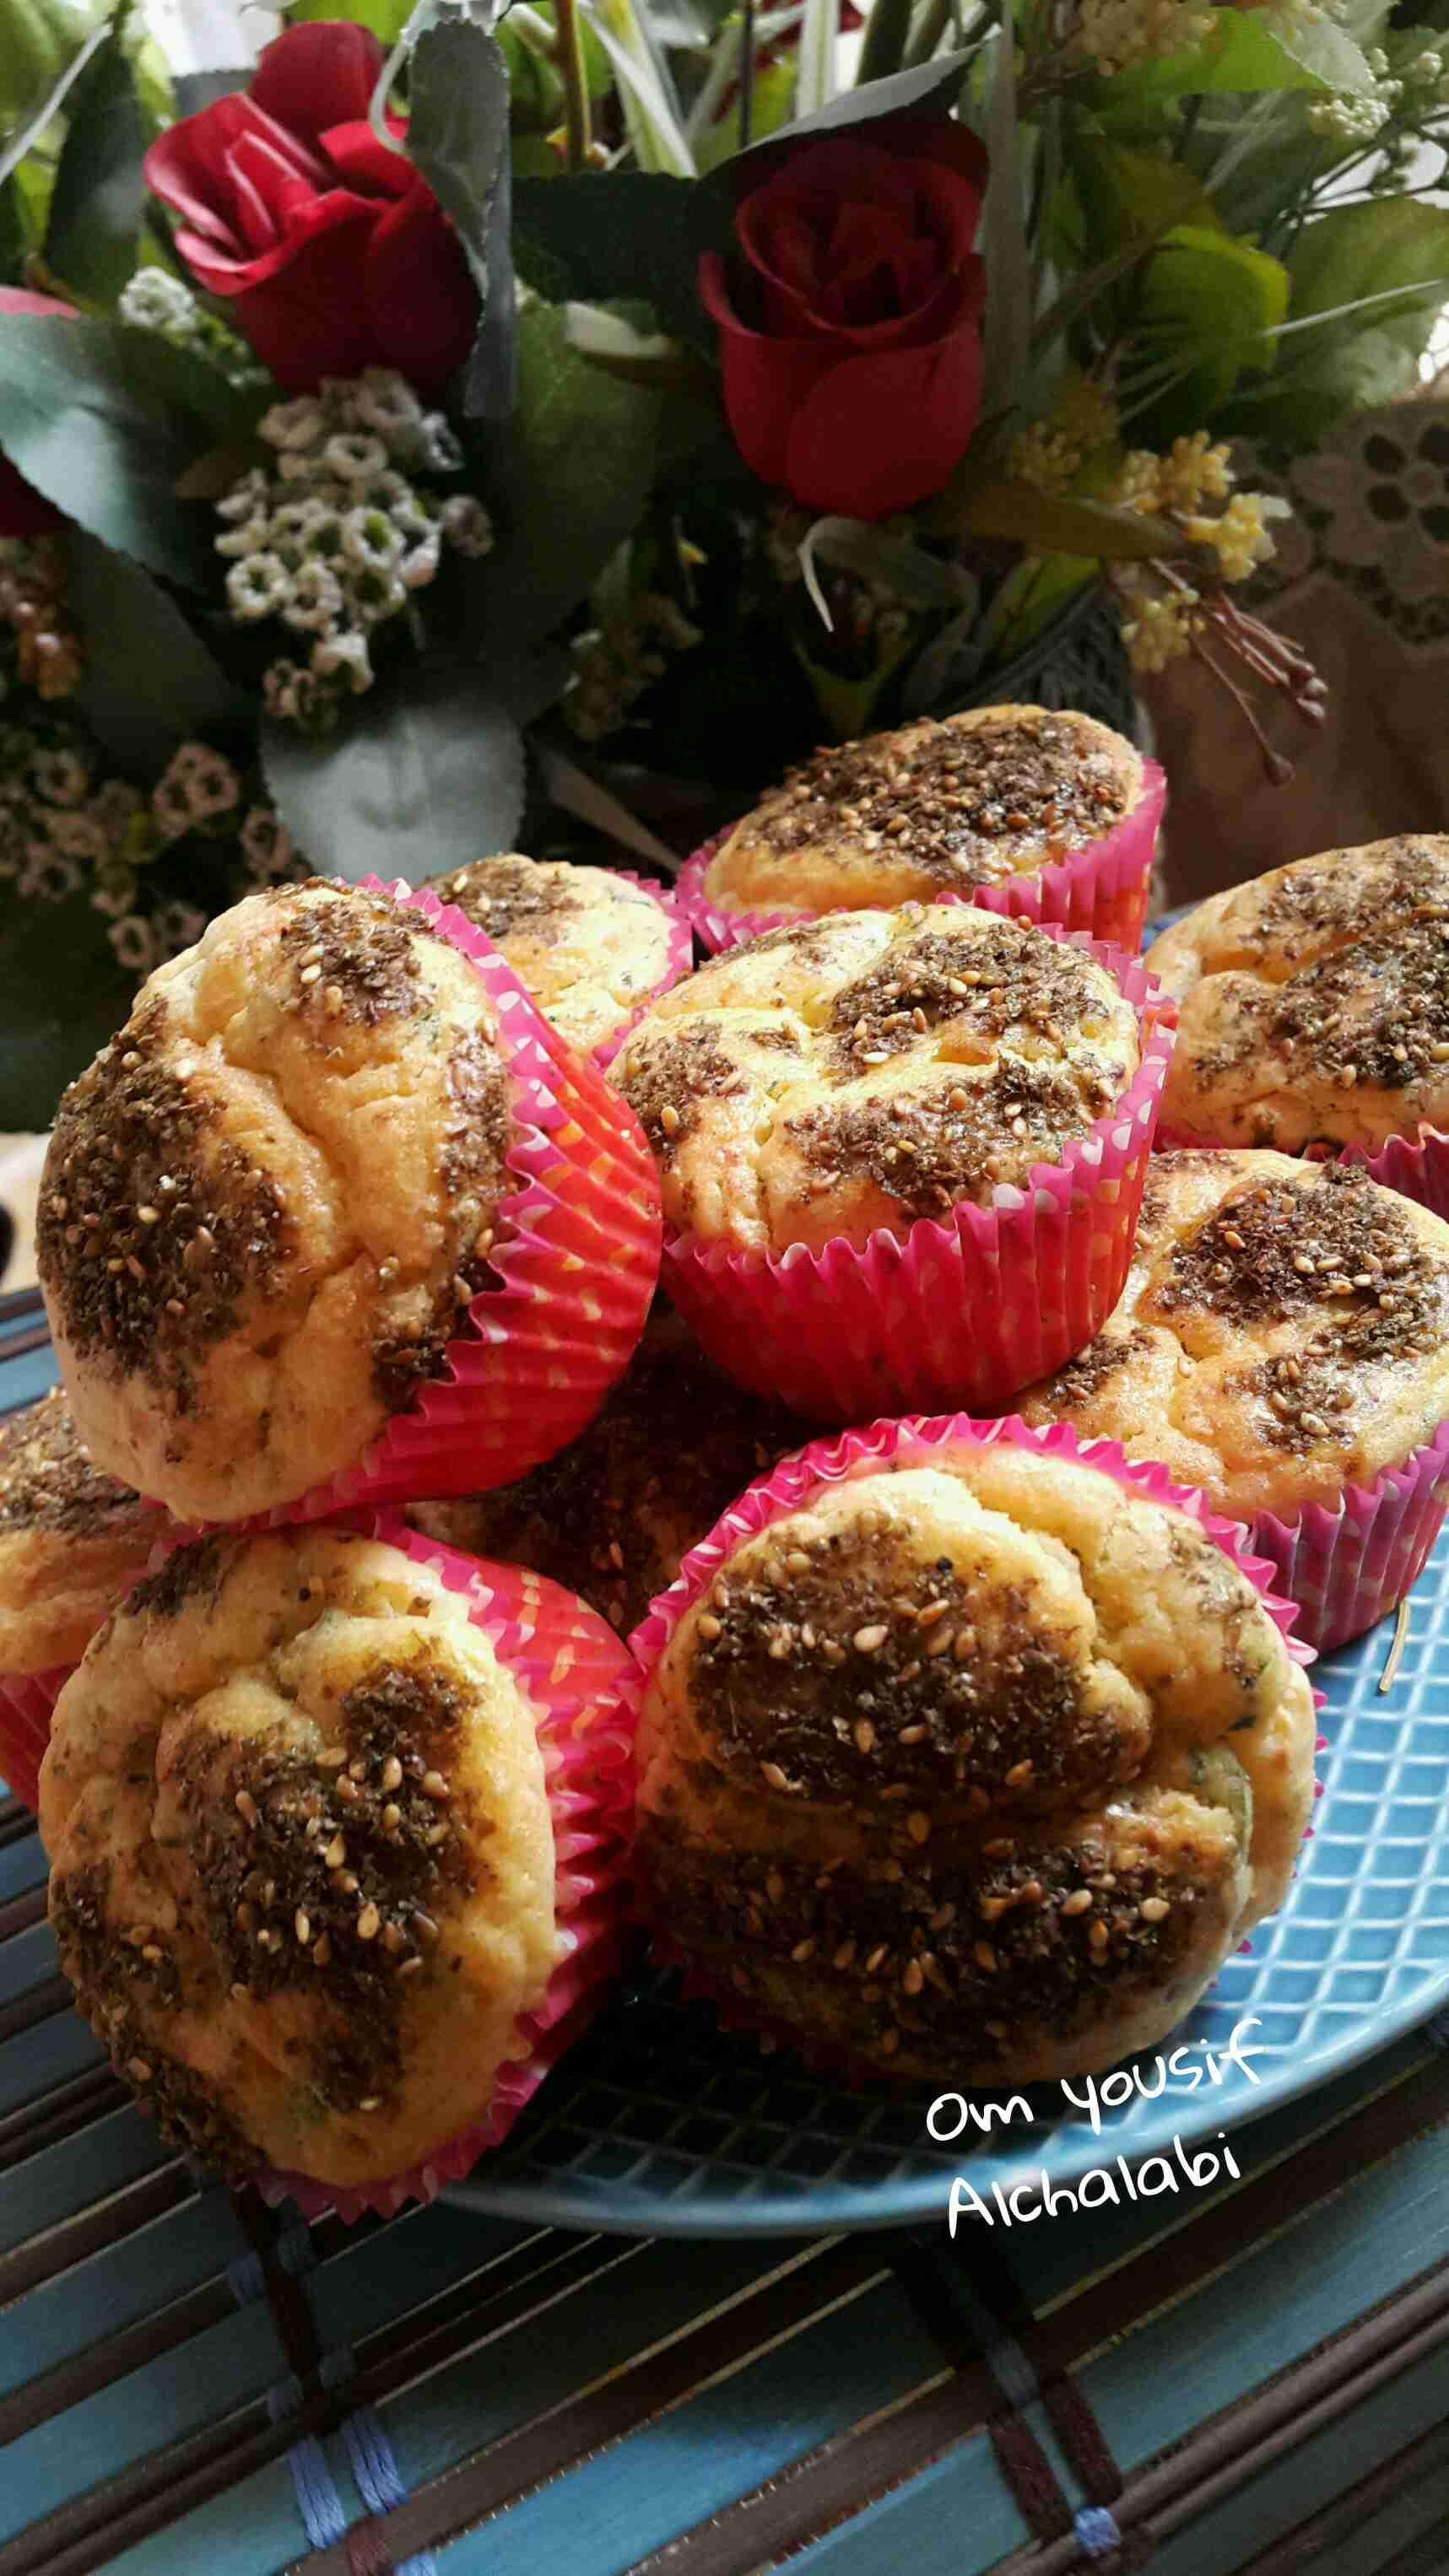 كب كيك الزعتر زاكي Food Arabic Food Mini Bites